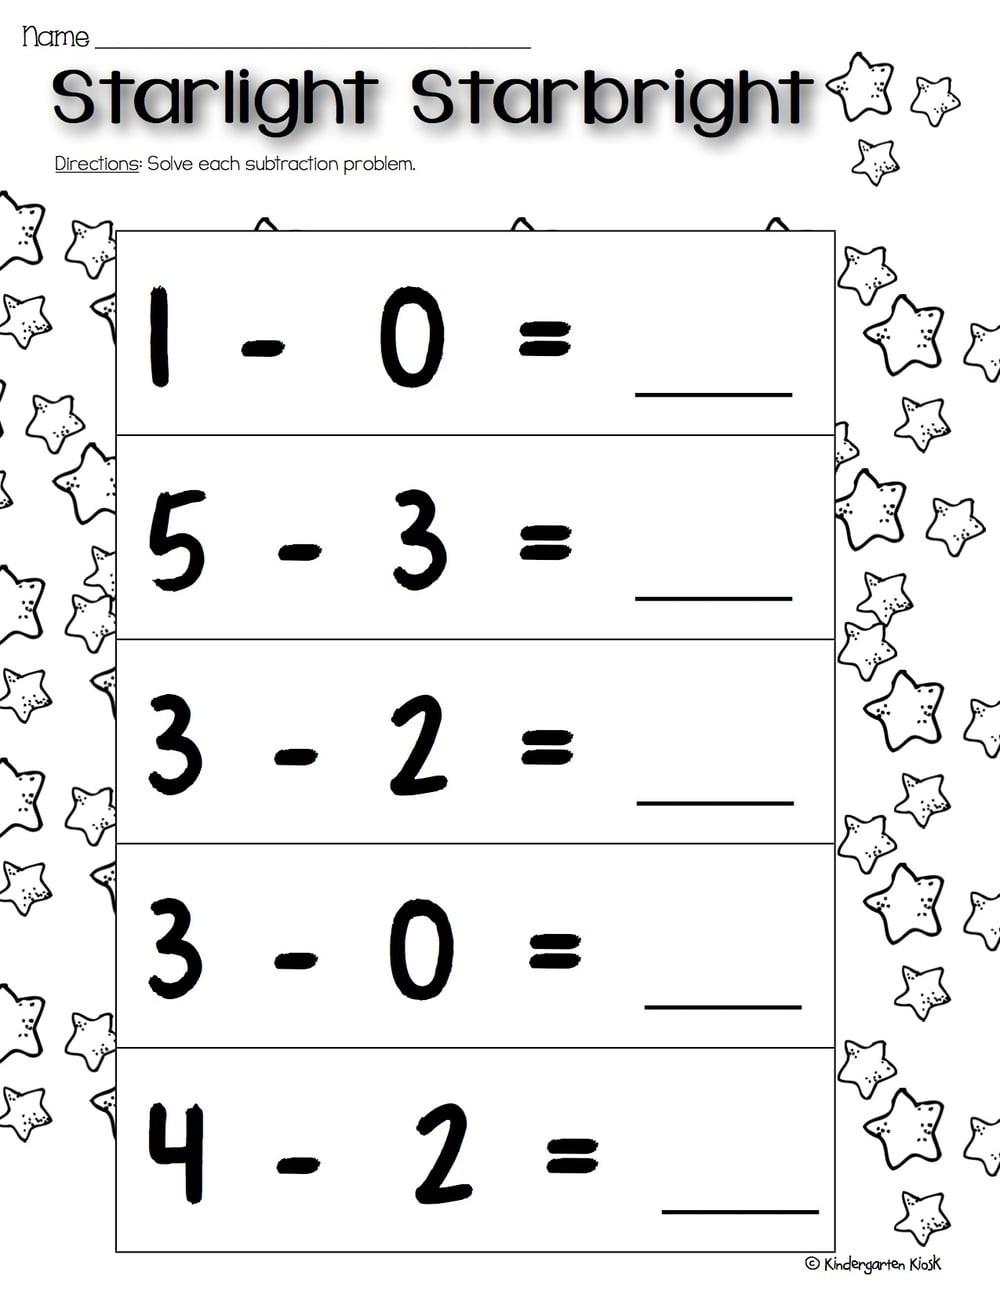 Subtraction Worksheet for Kindergarten Kindergarten Subtraction Worksheets — Kindergarten Kiosk